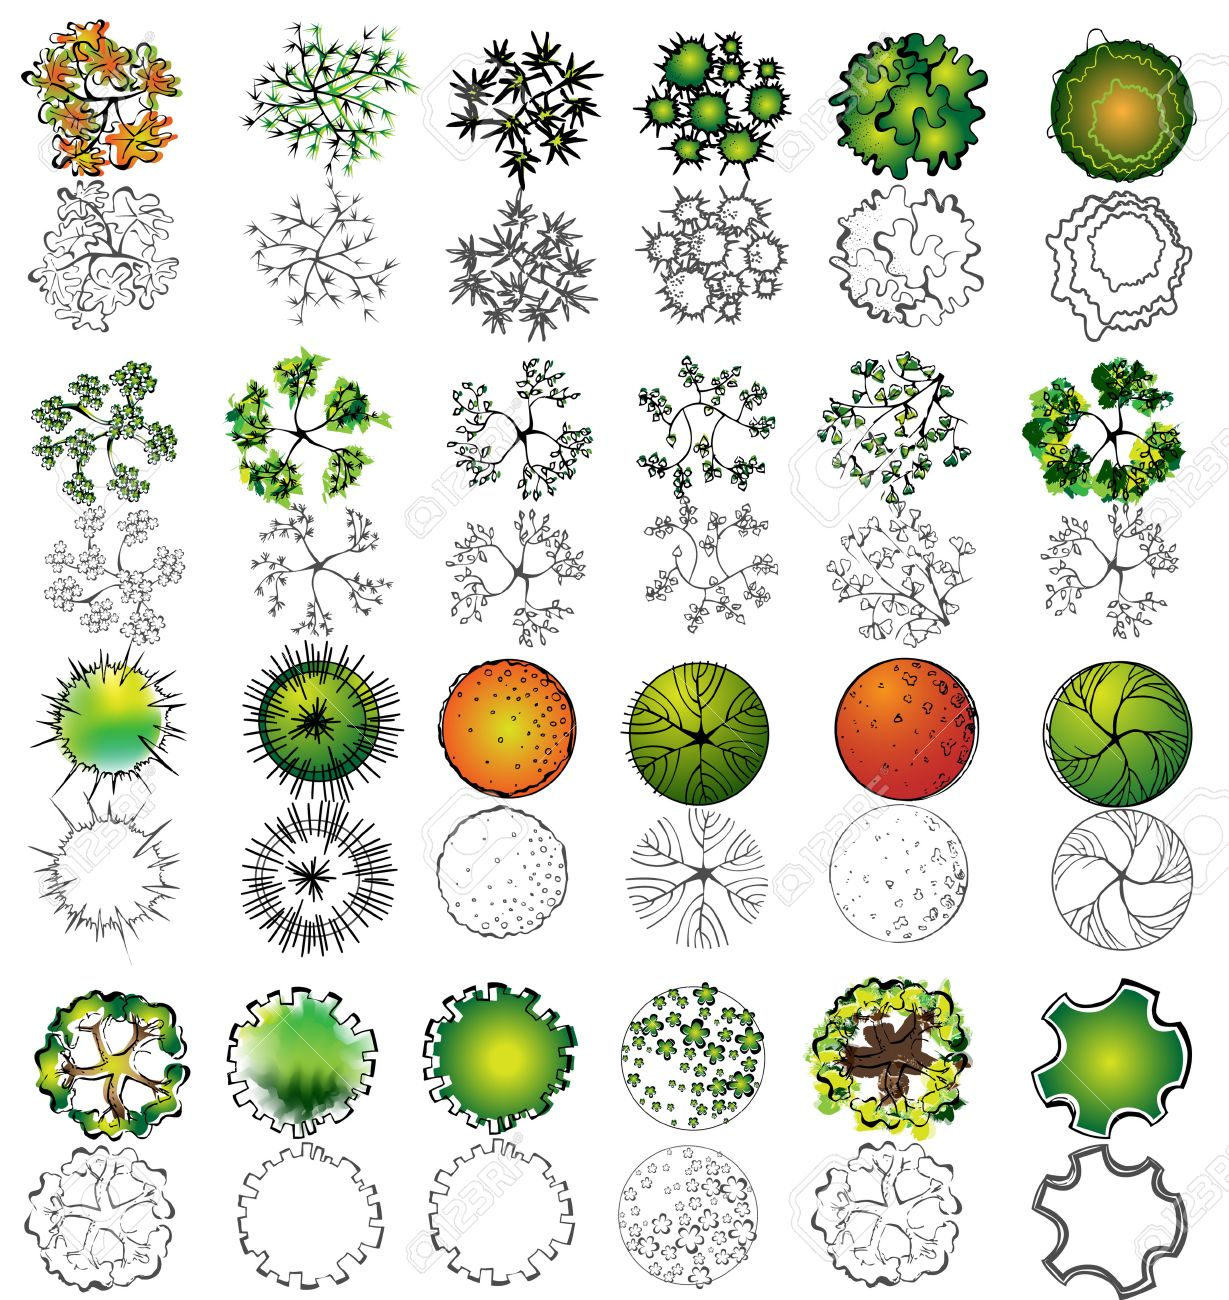 A set of treetop symbols, for architectural or landscape design